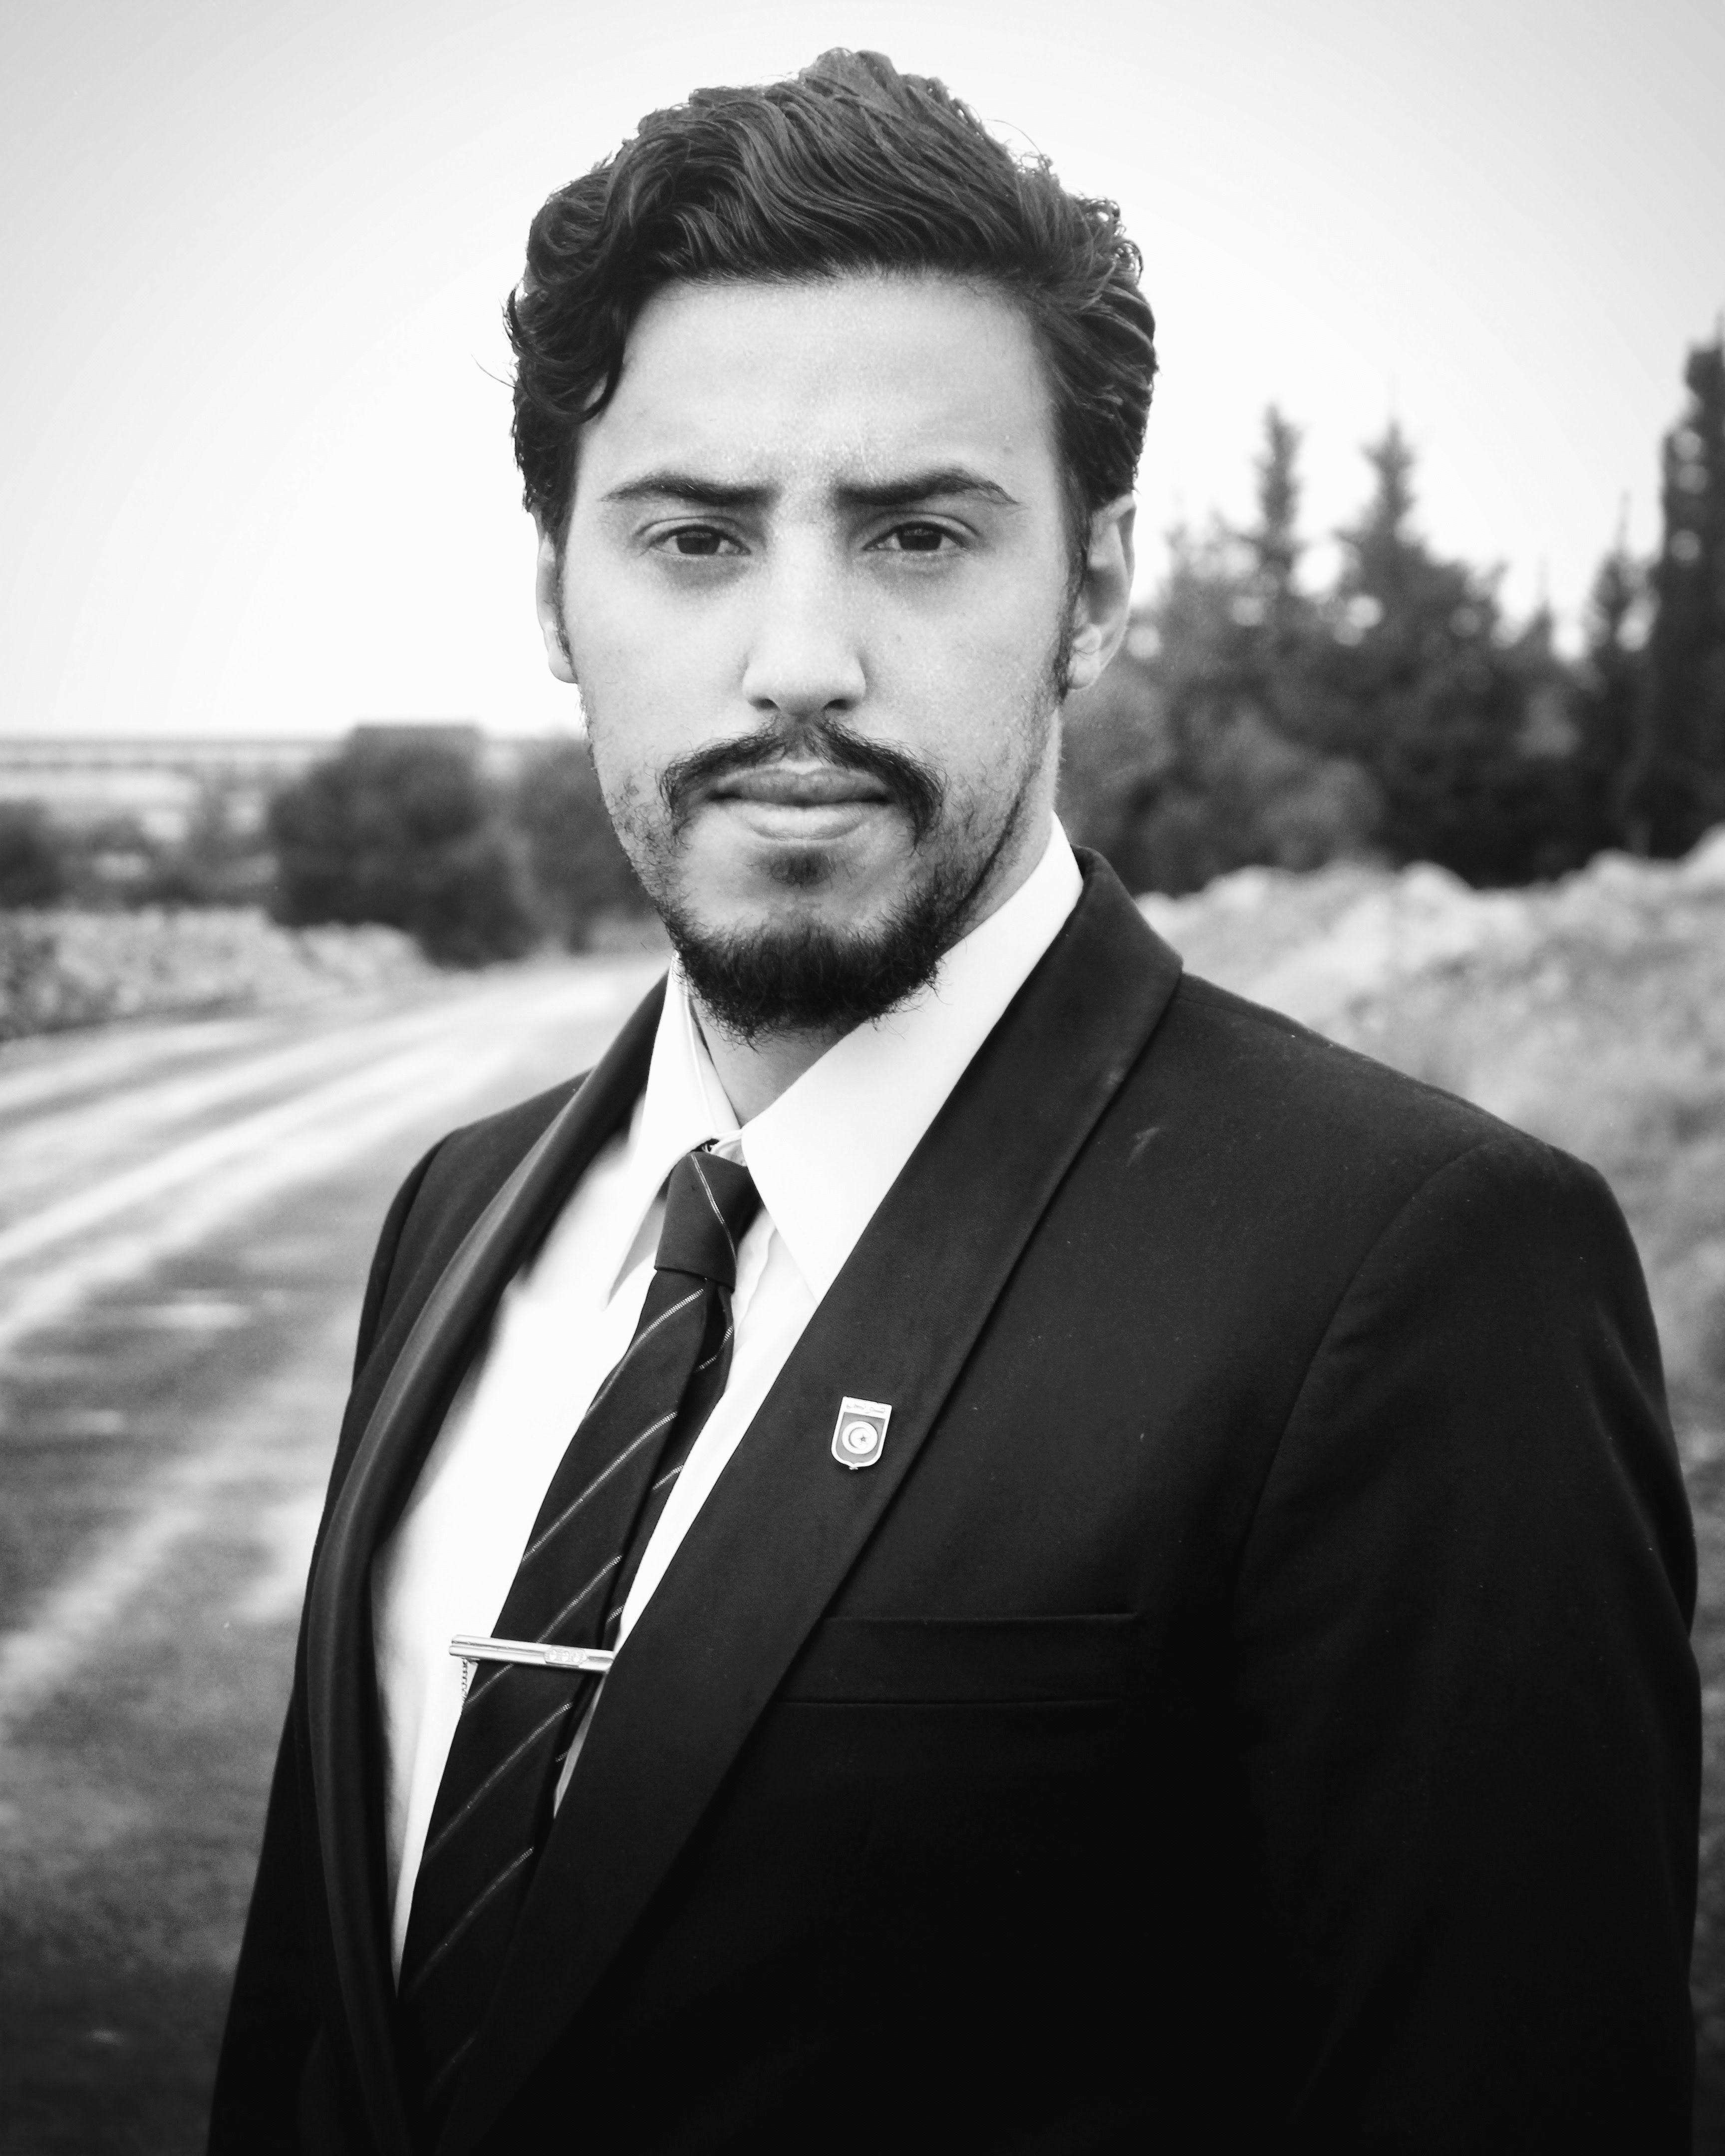 إسماعيل لعيشي Headshot